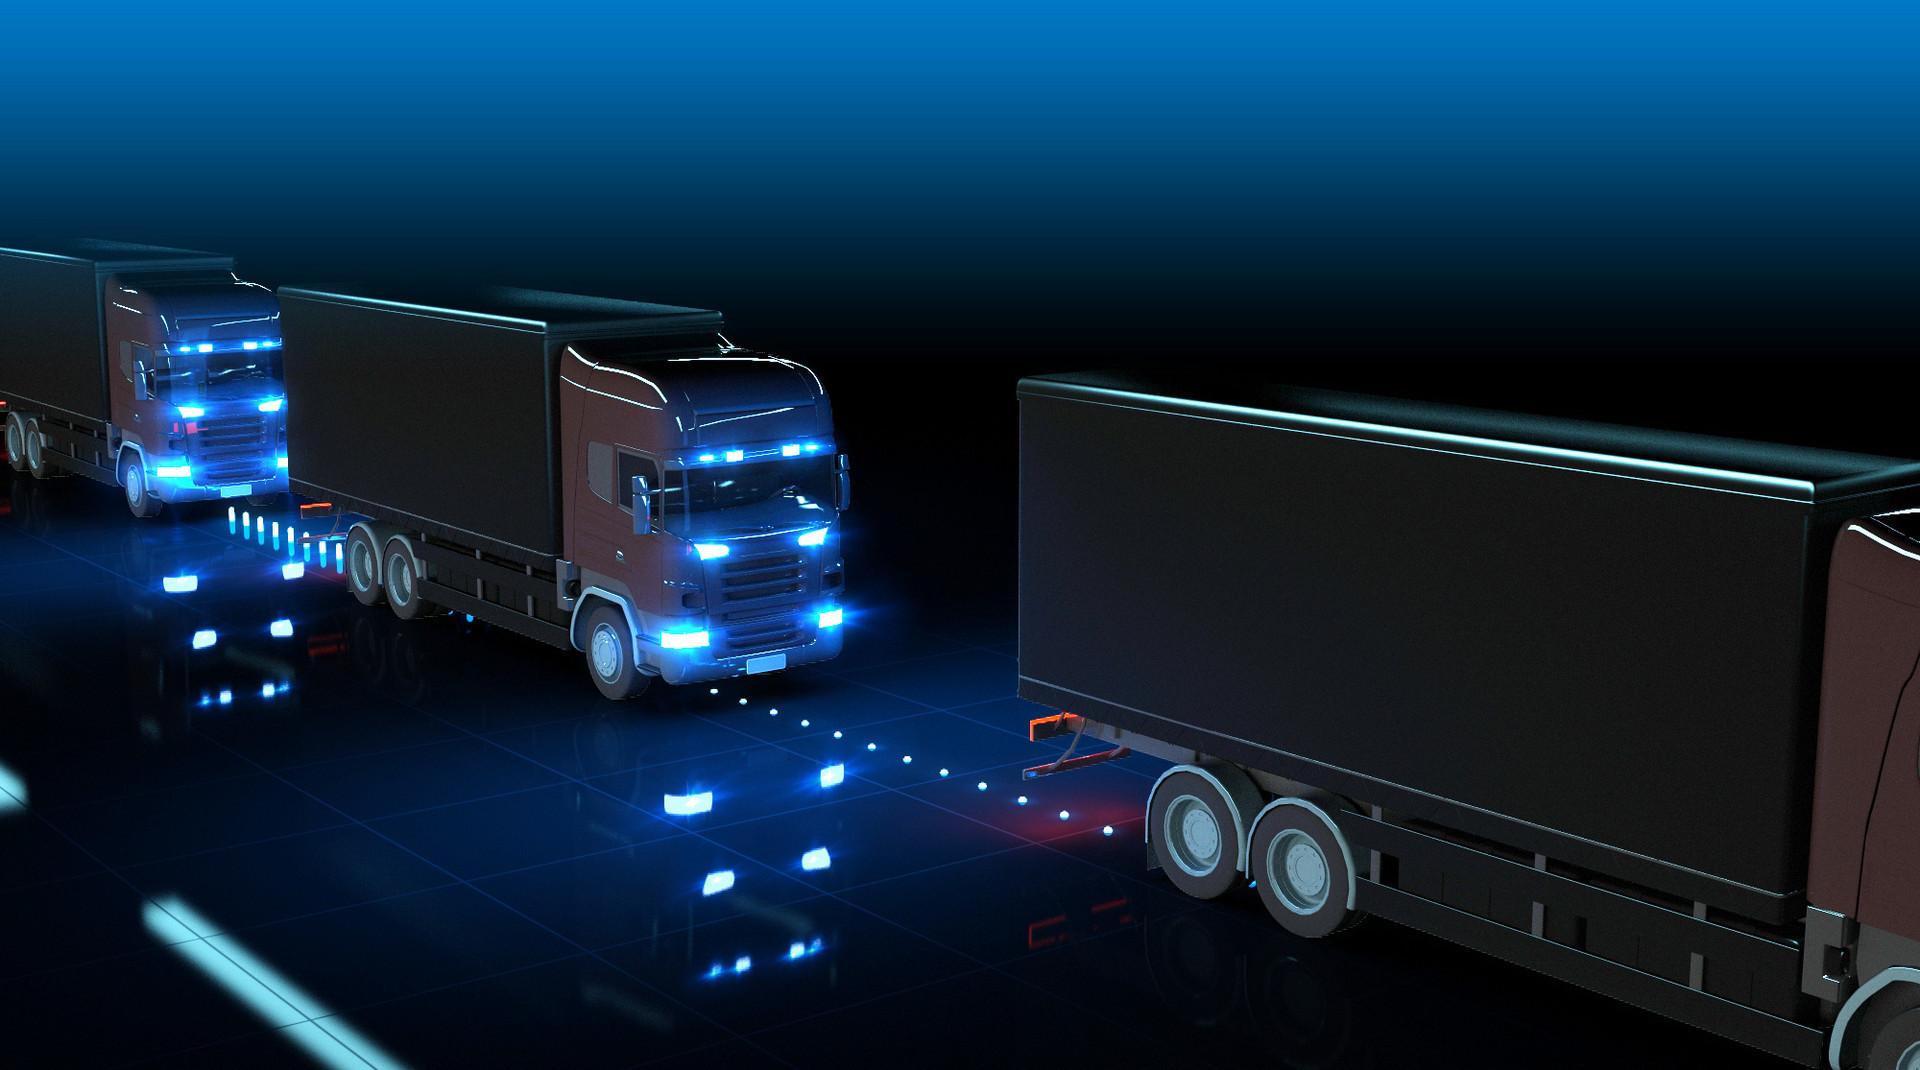 中国企业成功研制5G网络智能110吨无人驾驶矿用车